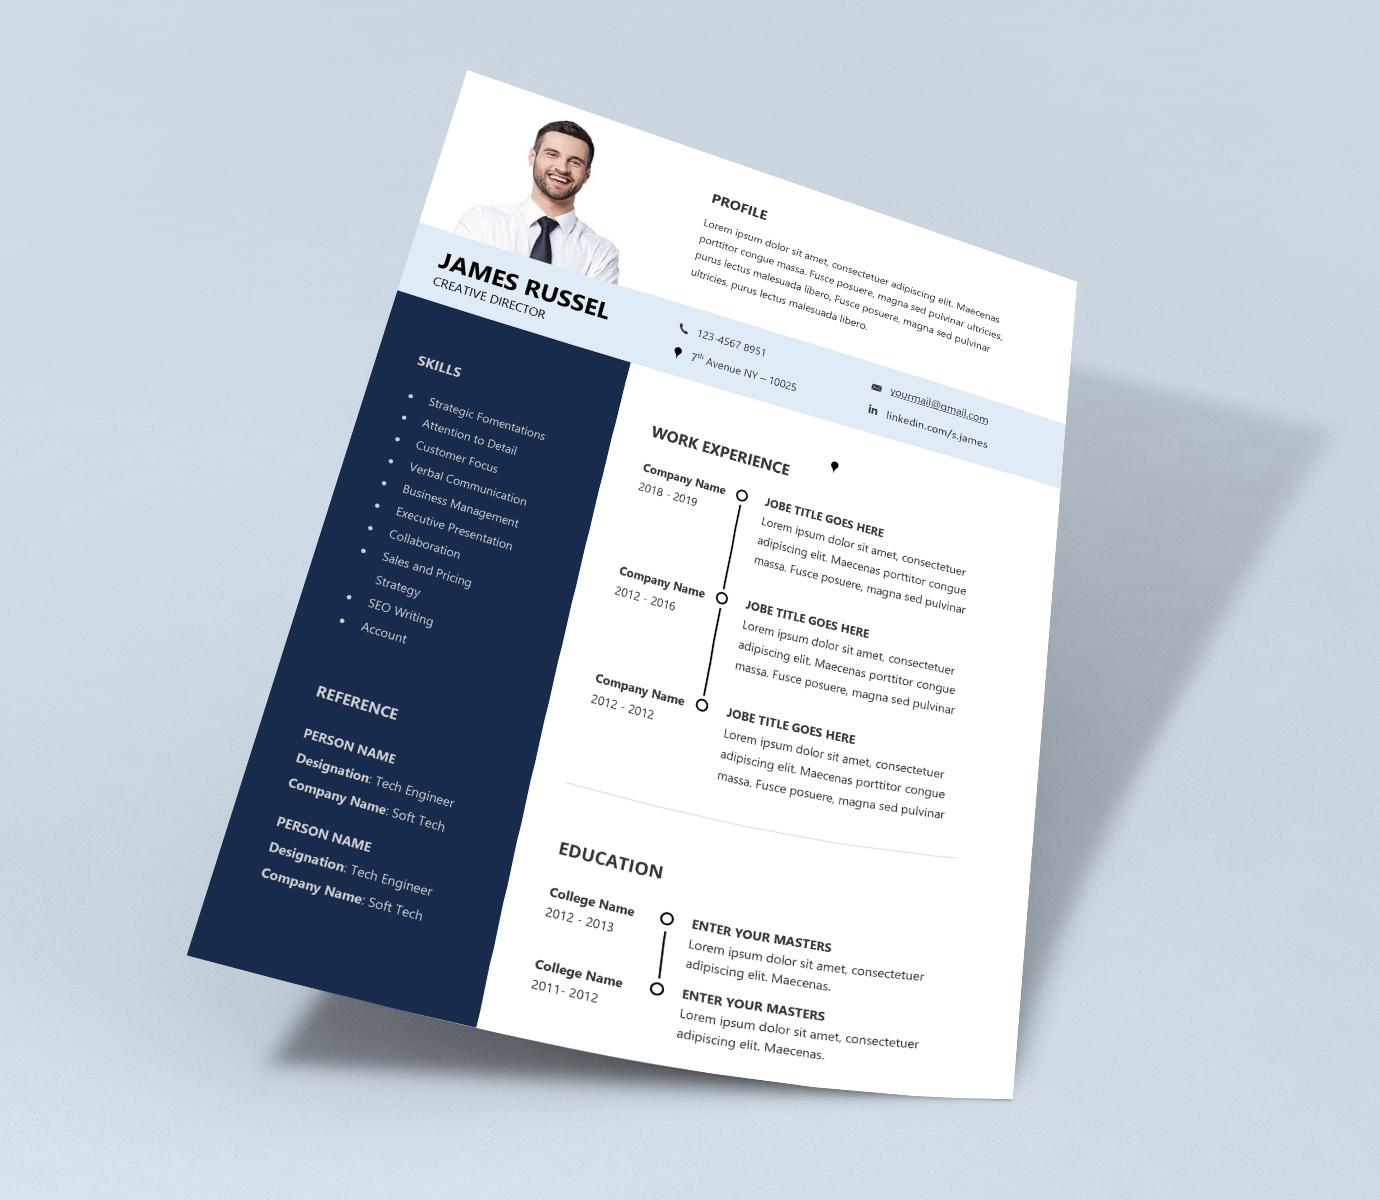 resume default font size